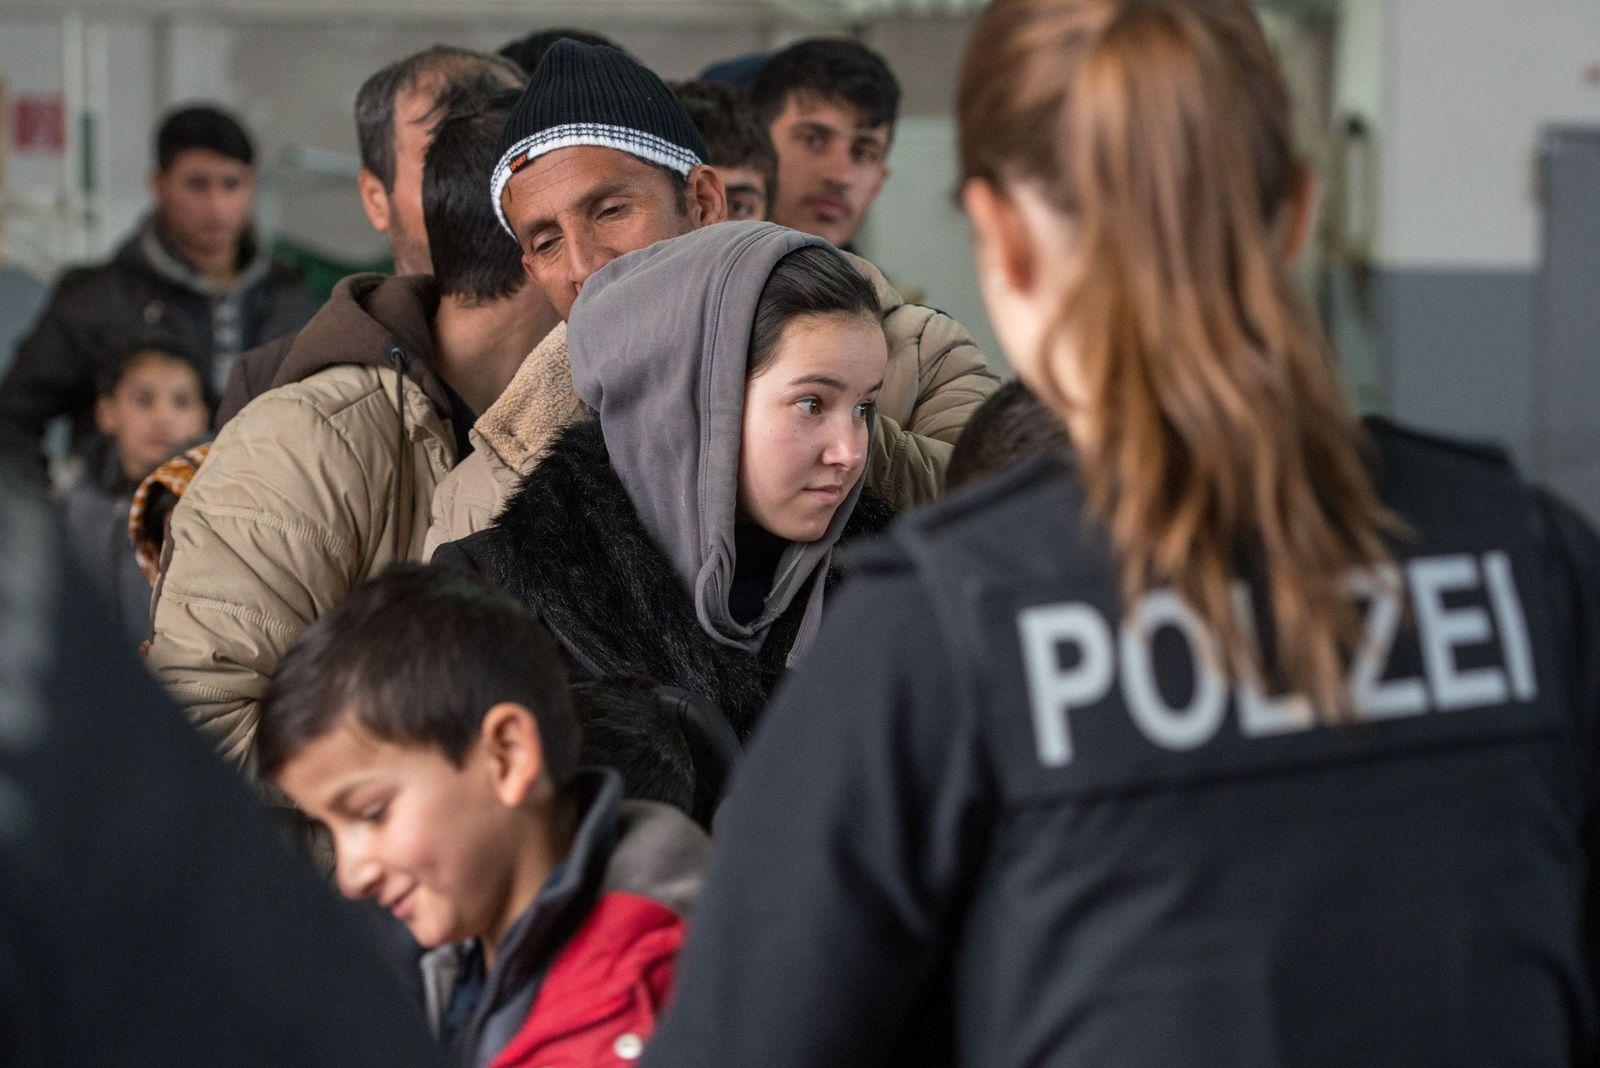 Flüchtlinge Passau Polizei Bundespolizei